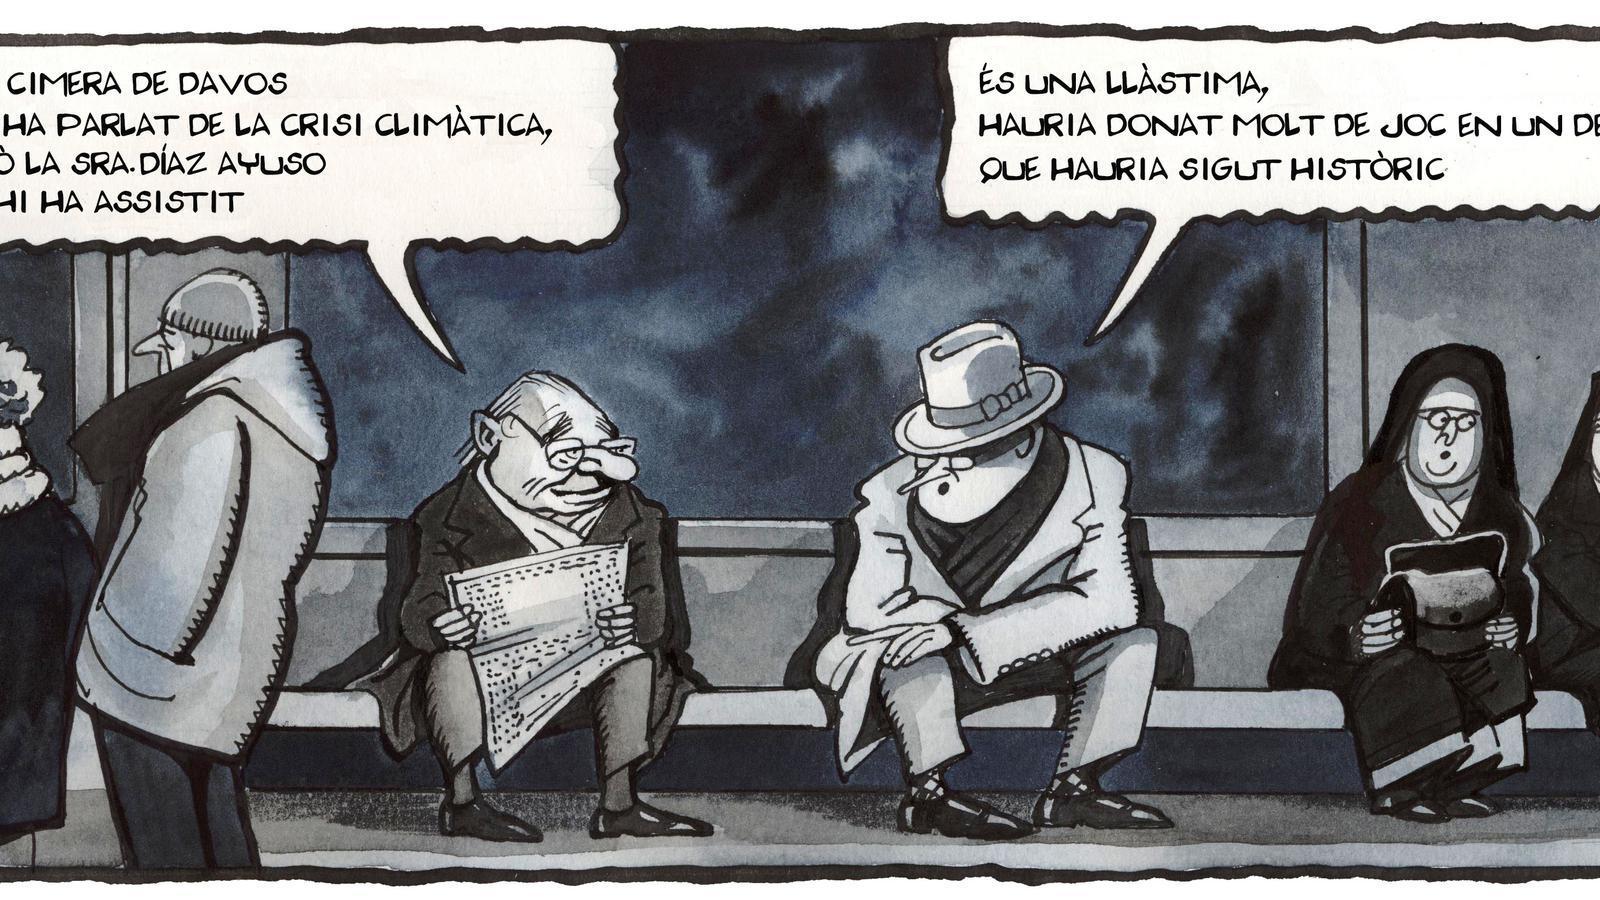 'A la contra', per Ferreres 25/01/20